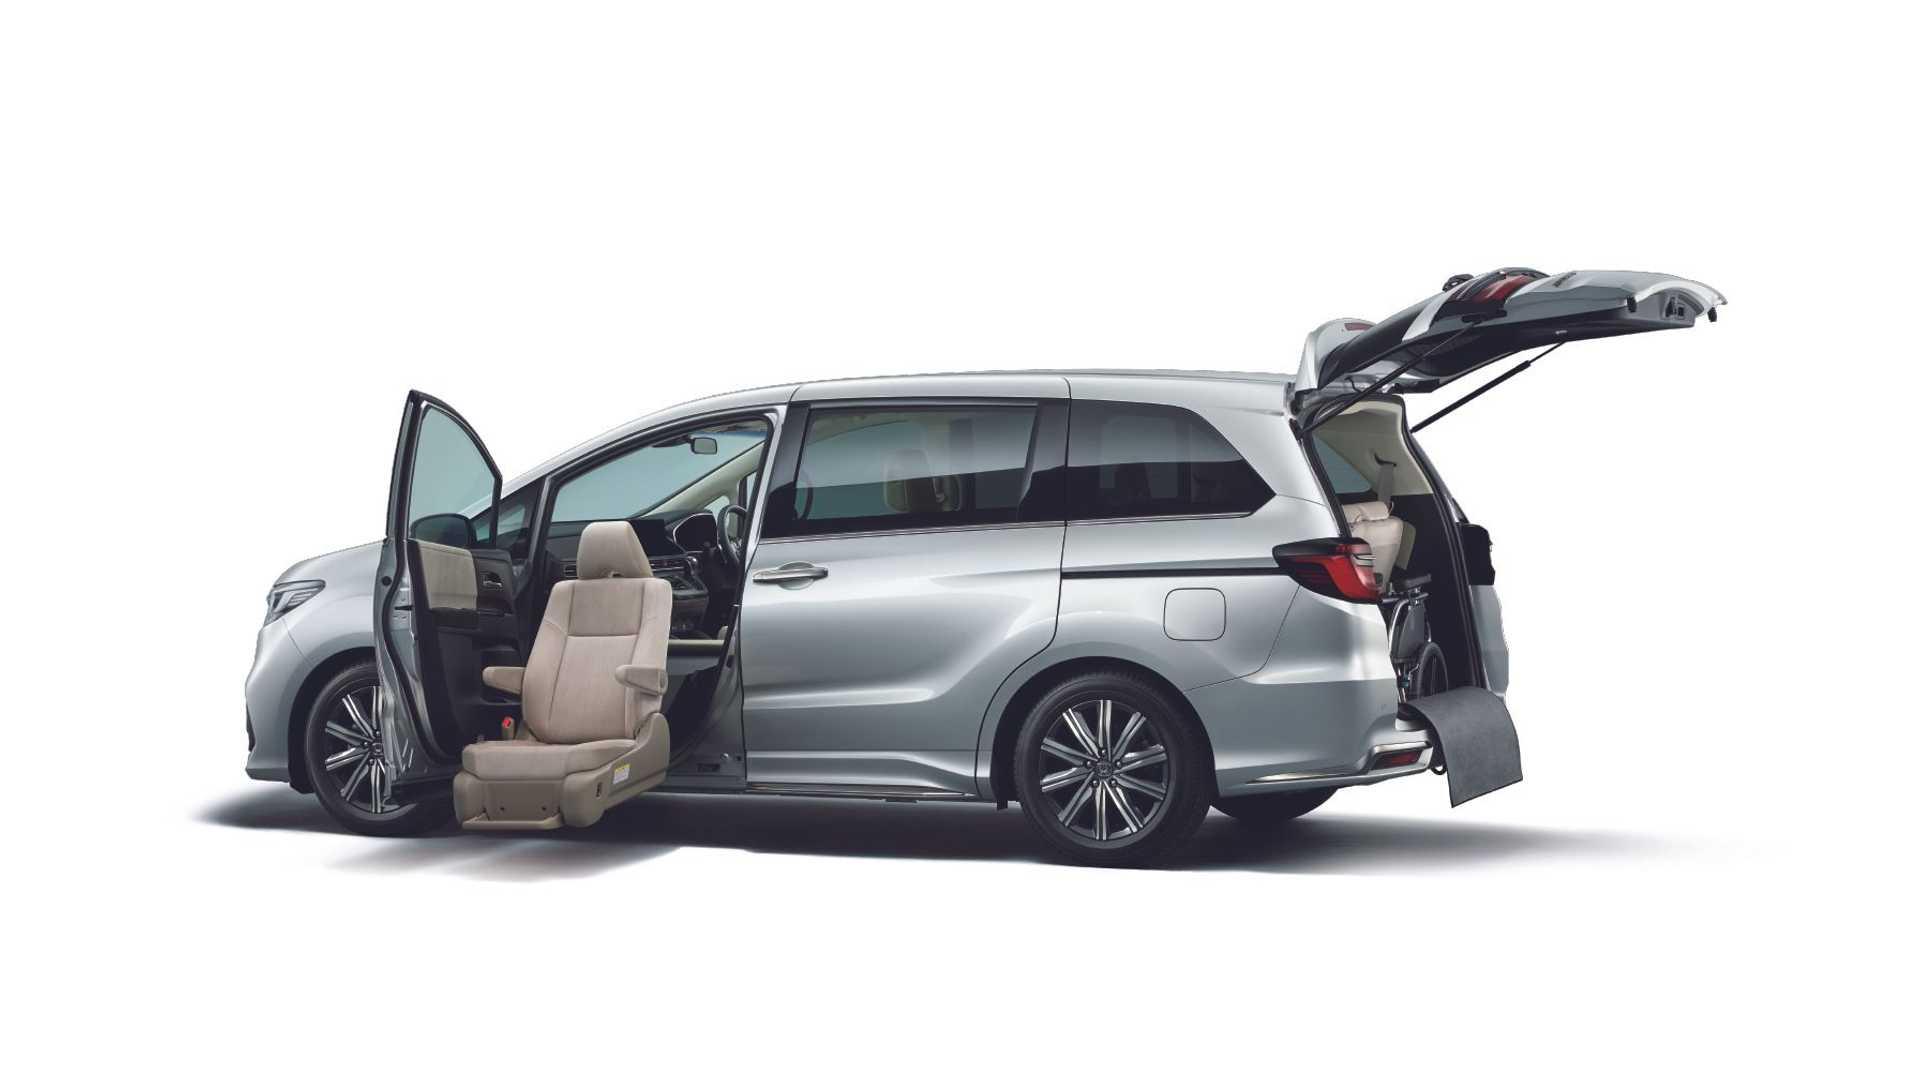 Honda-Odyssey-facelift-2020-8